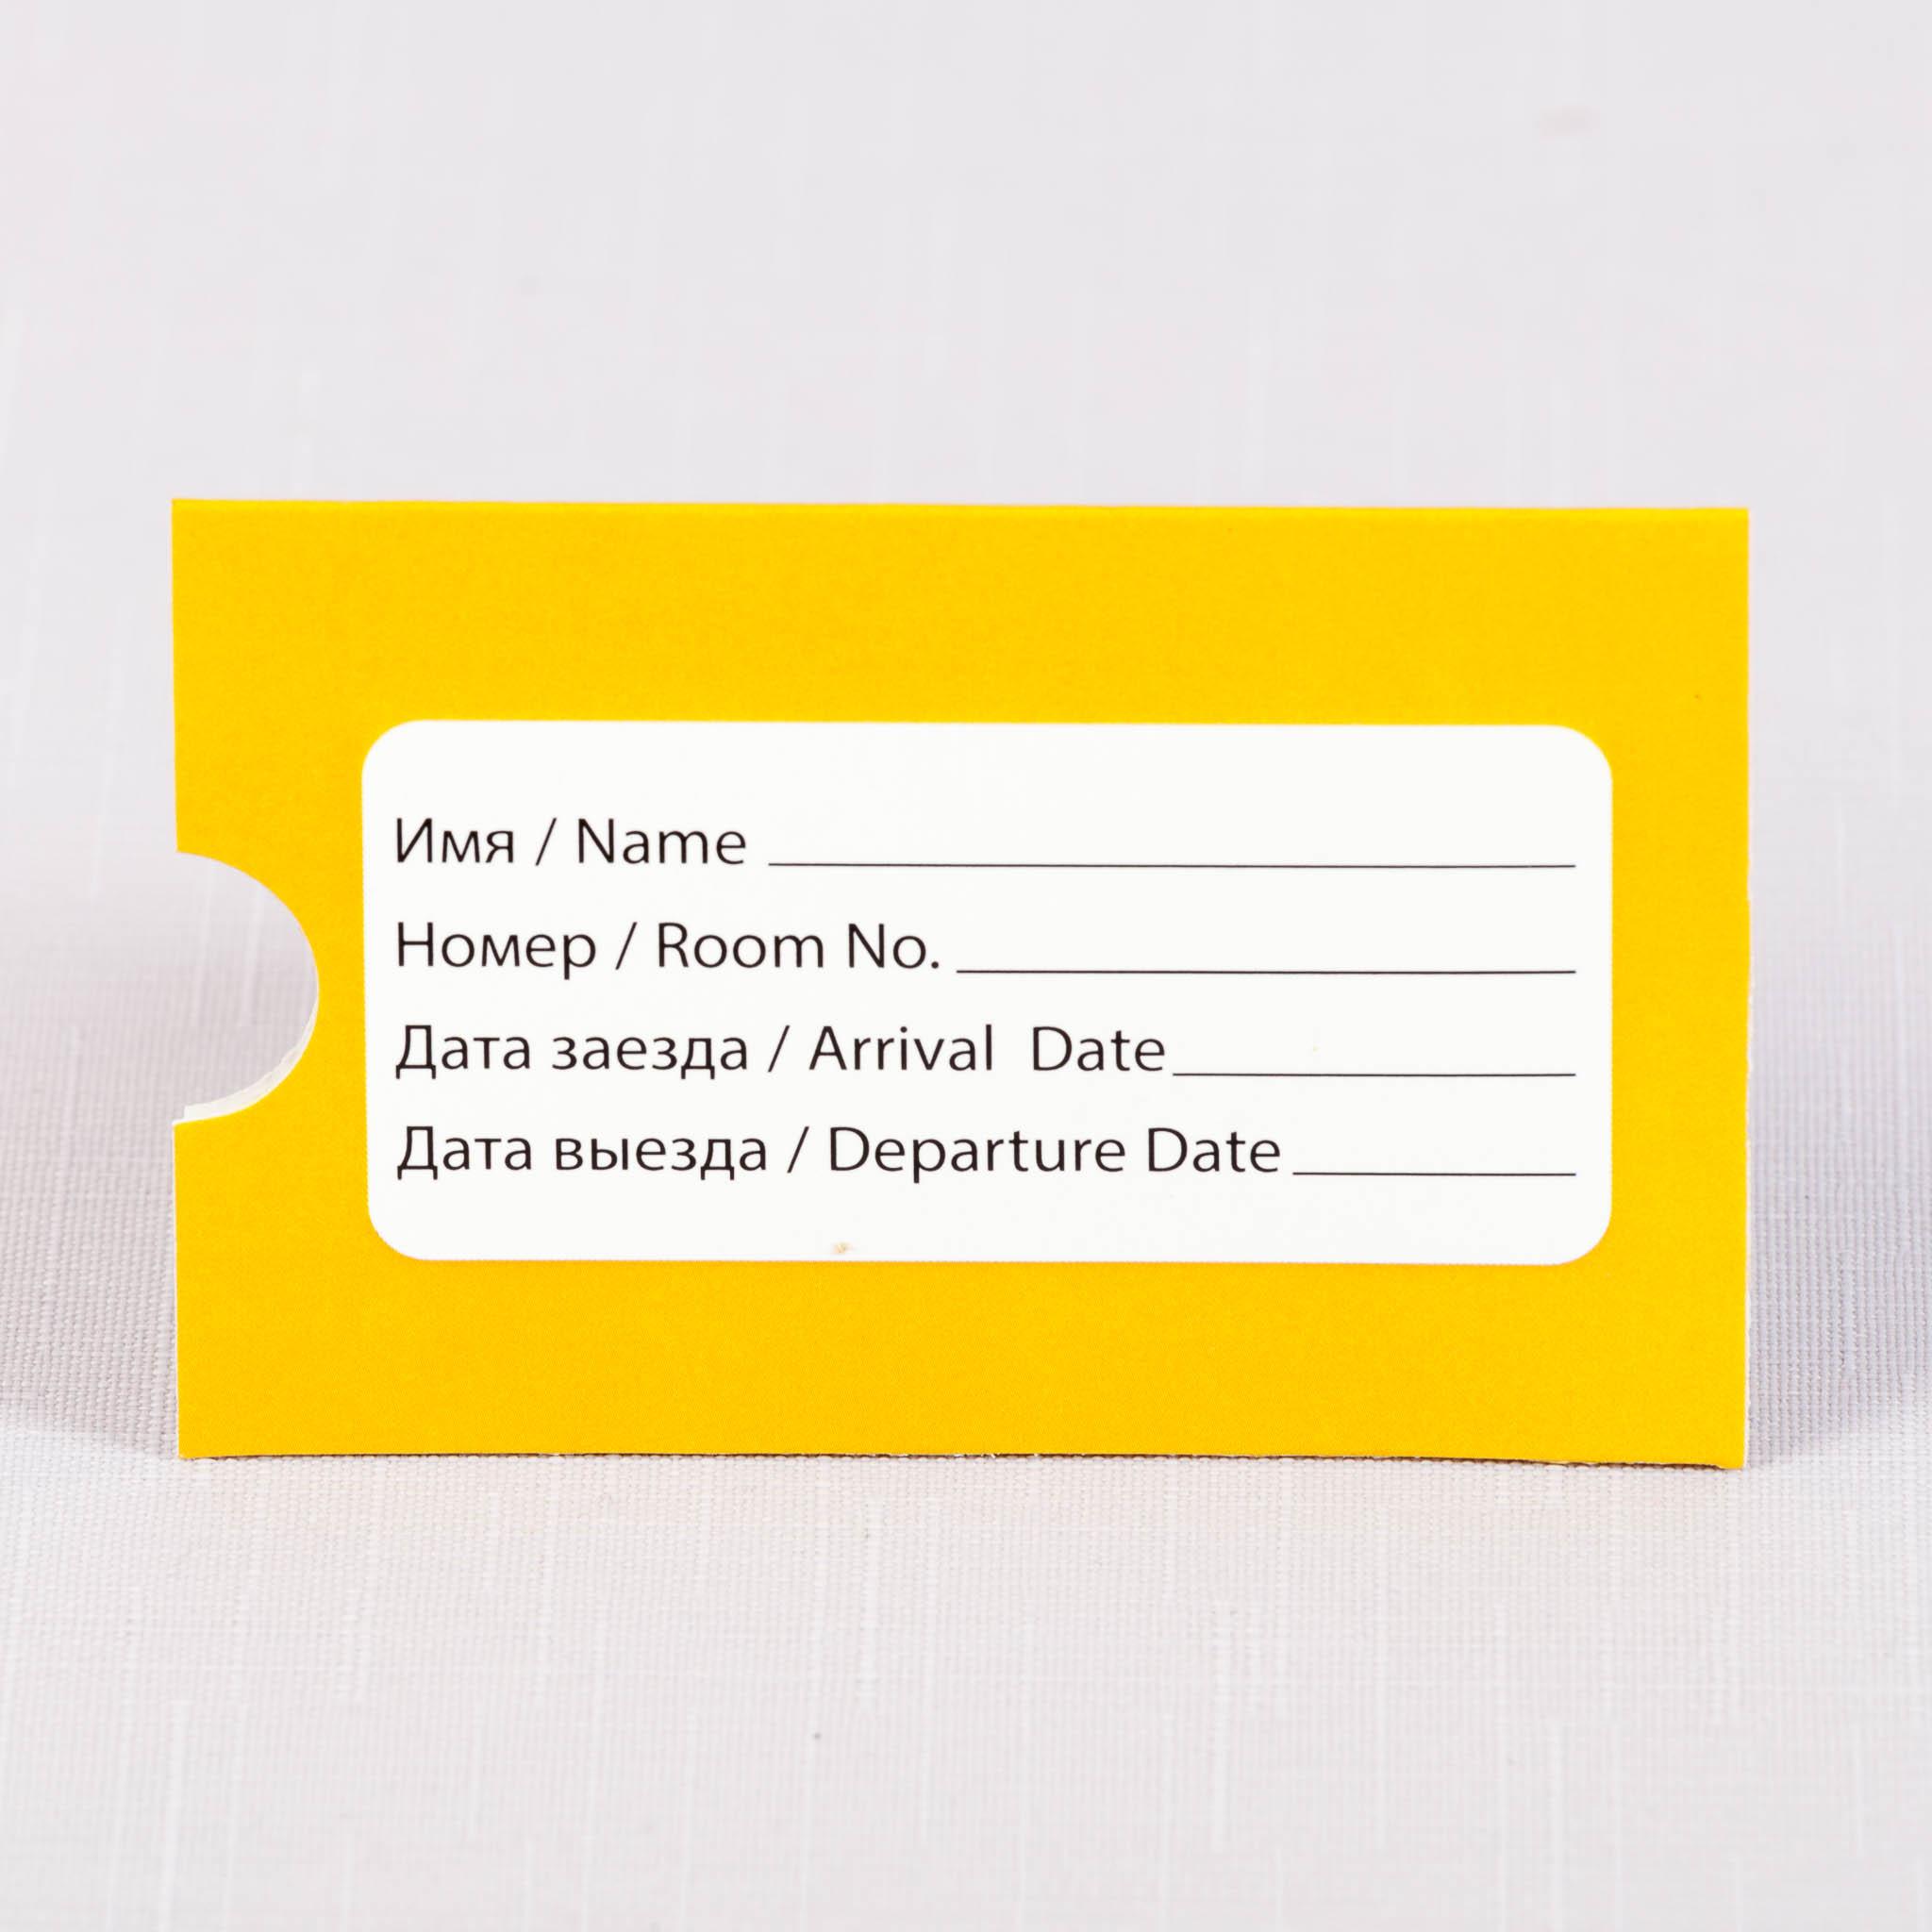 Оборот кейхолжера для отеля с номером комнаты и именем посетителя